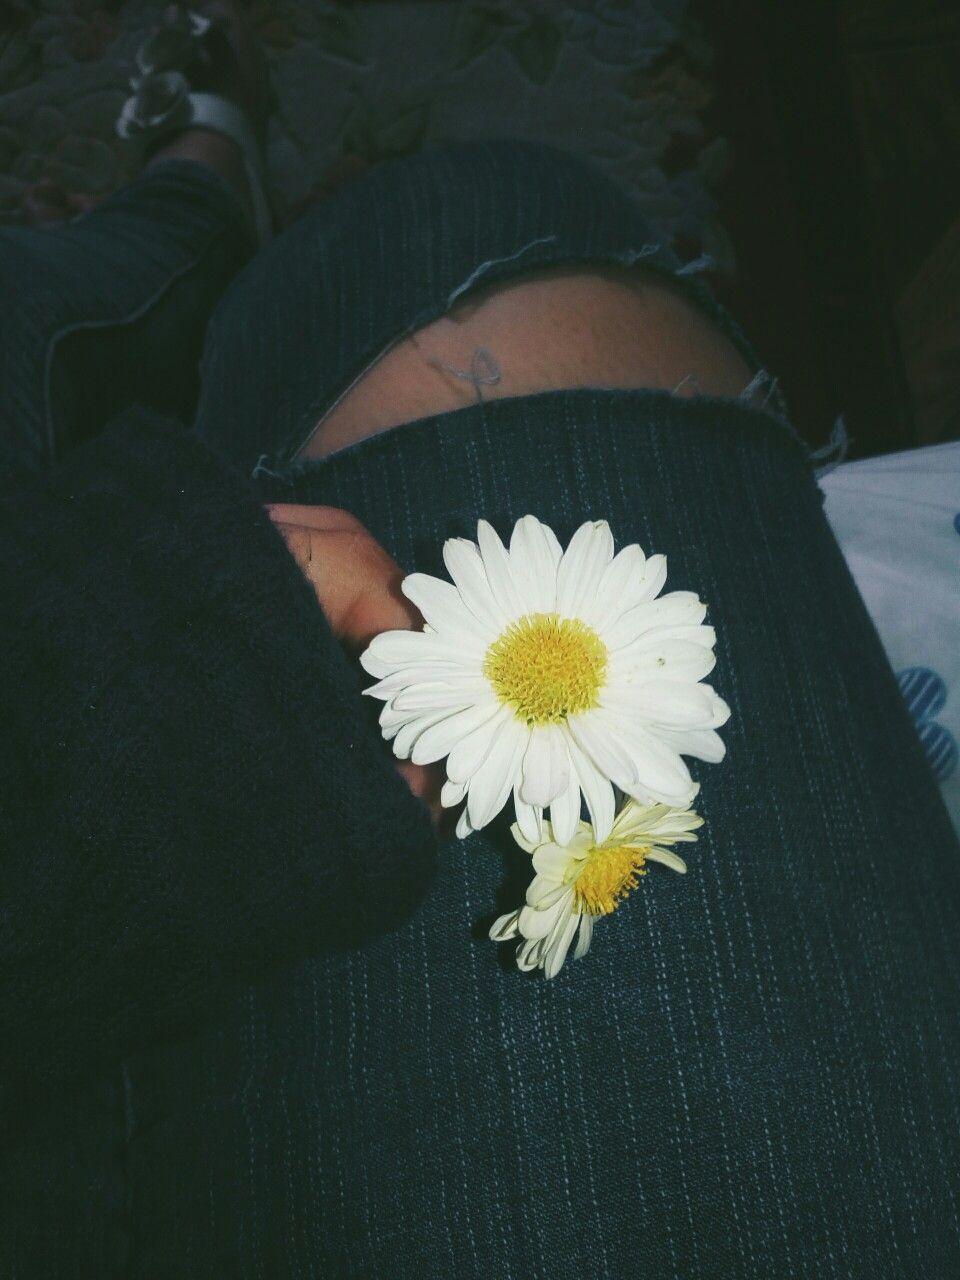 Flowers Tumblr T U M B L R Pinterest Flowers